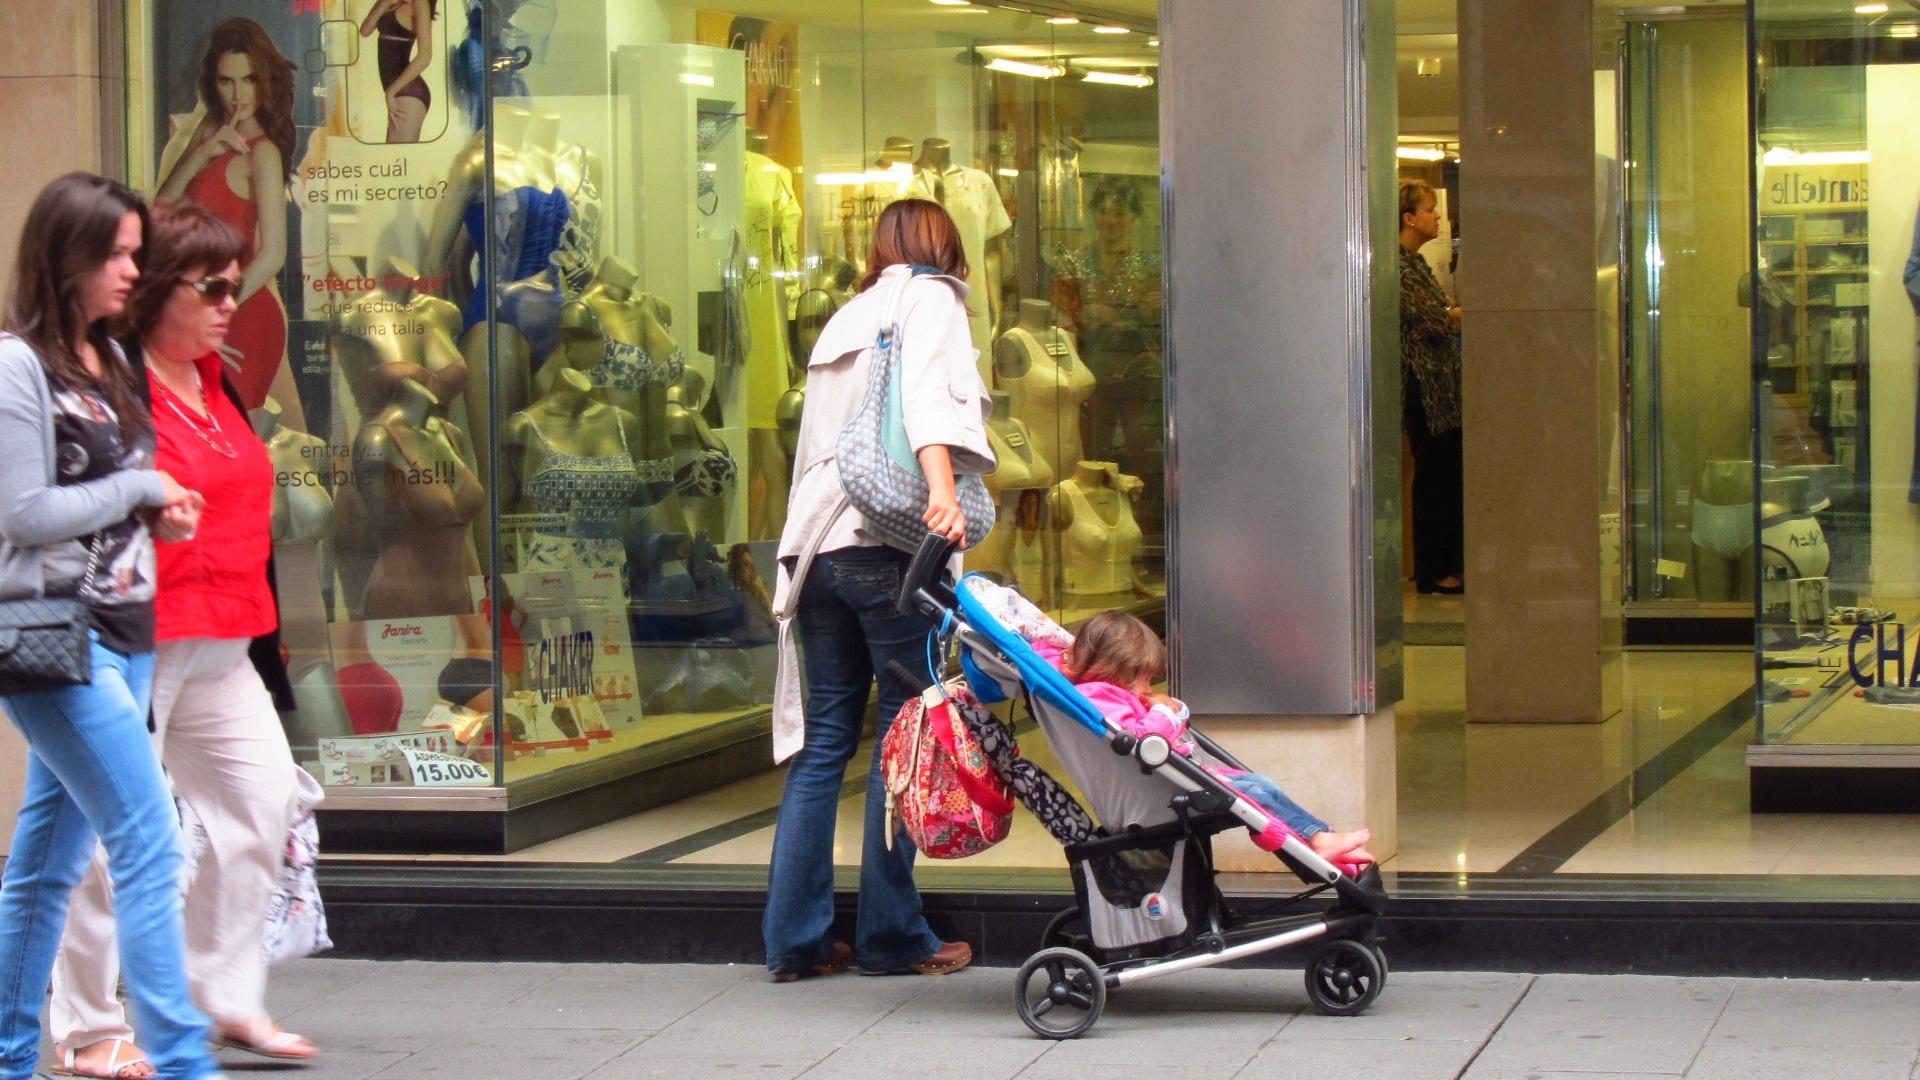 La Seguridad Social destinó 317,3 millones a prestaciones de maternidad y 38,4 millones a las de paternidad